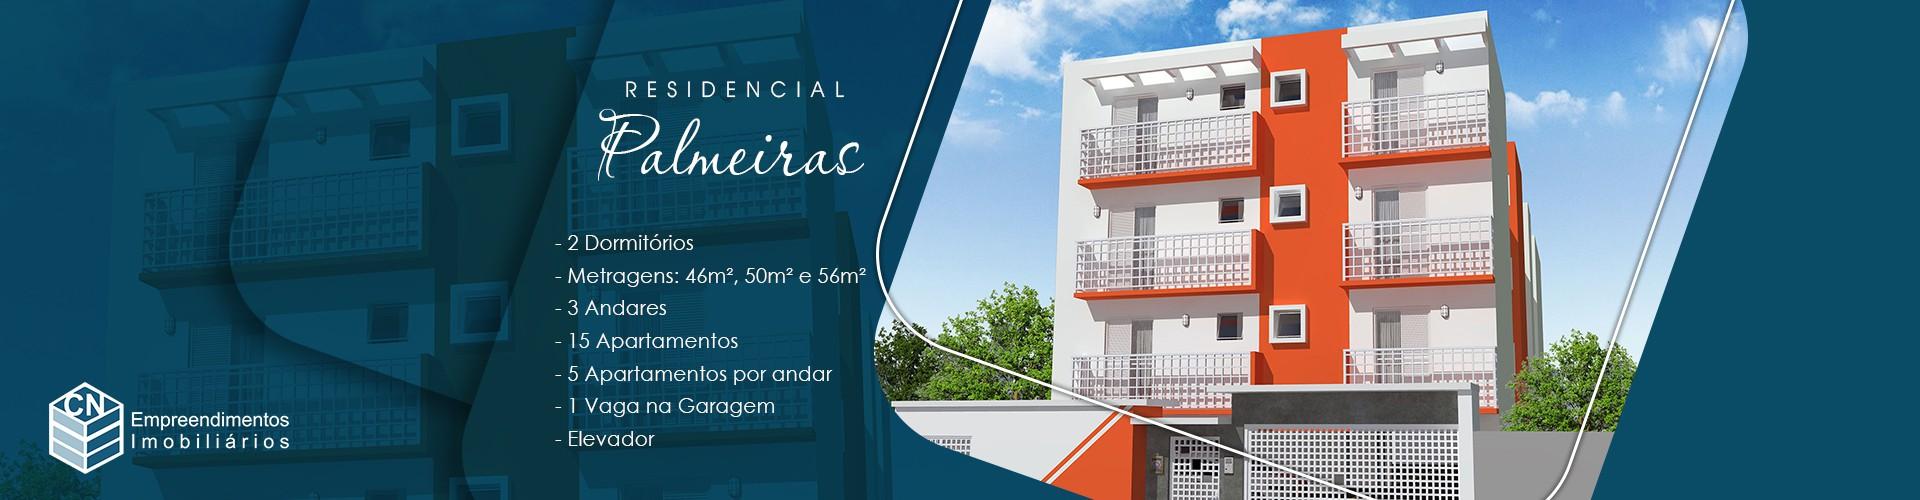 Residencial das Palmeiras - Apartamento na Vila Assis em Mauá